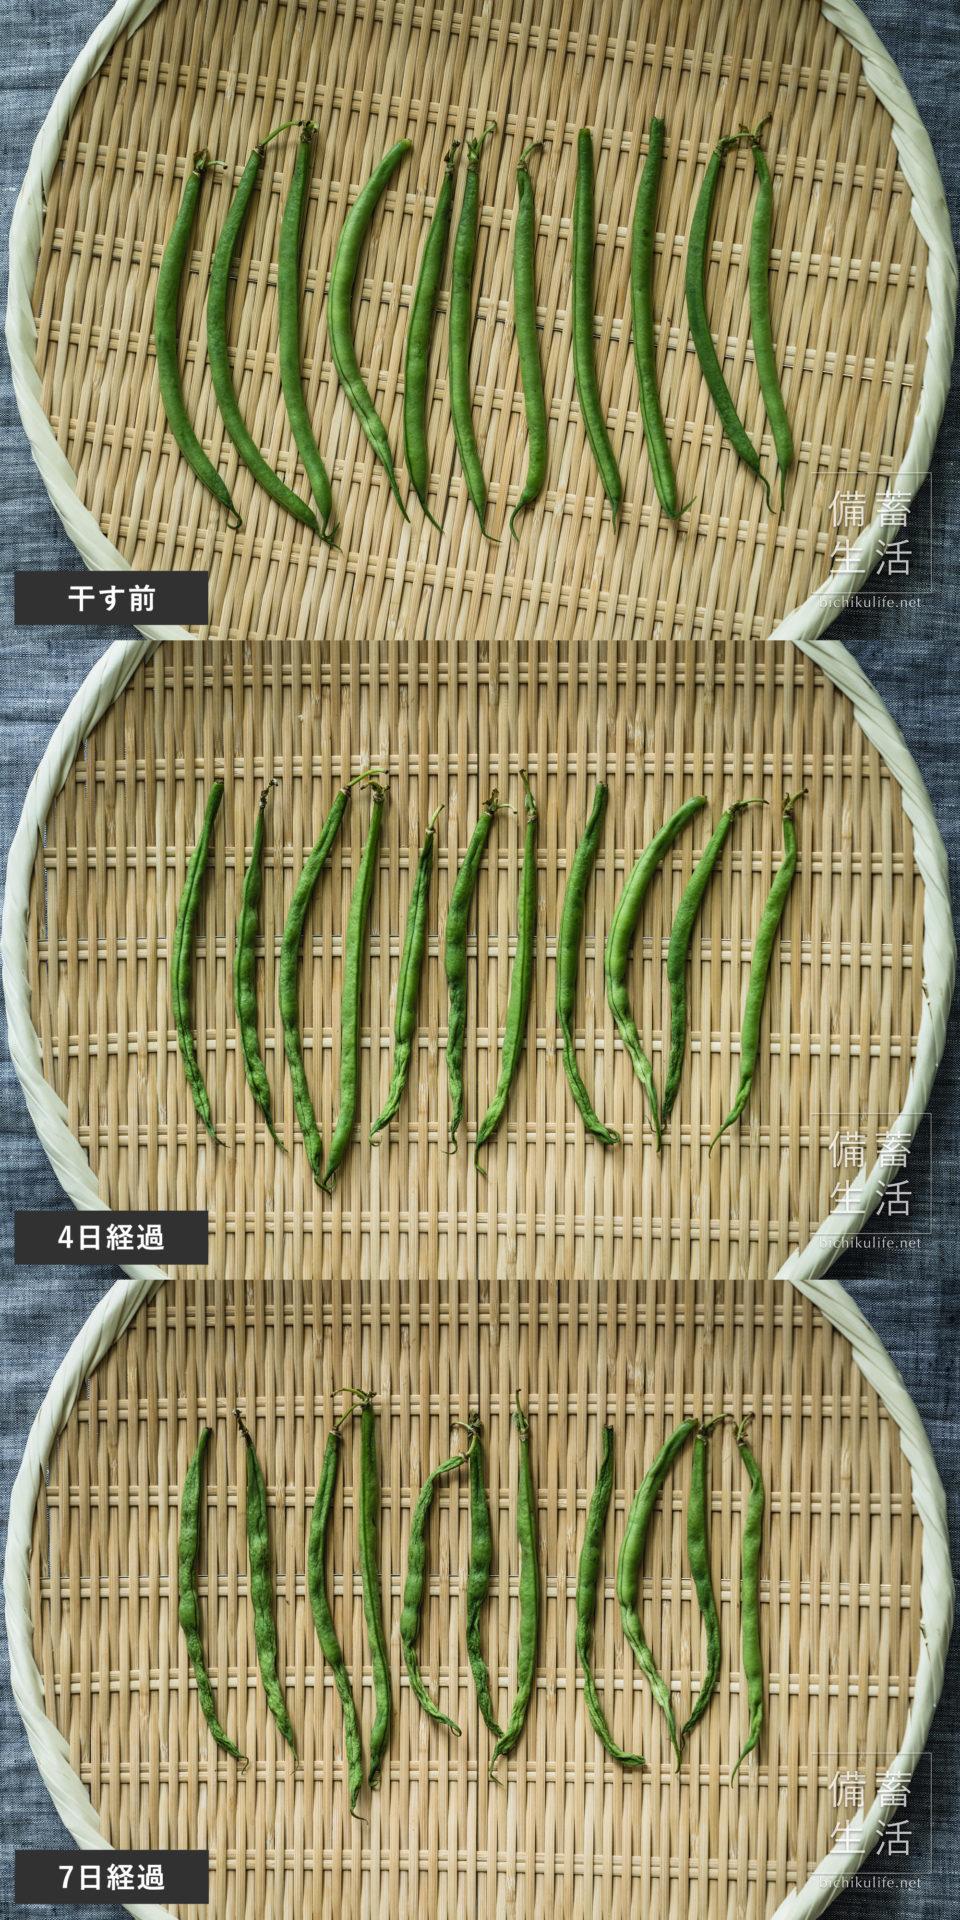 さやいんげん 干し野菜づくり|干しサヤインゲンの作り方